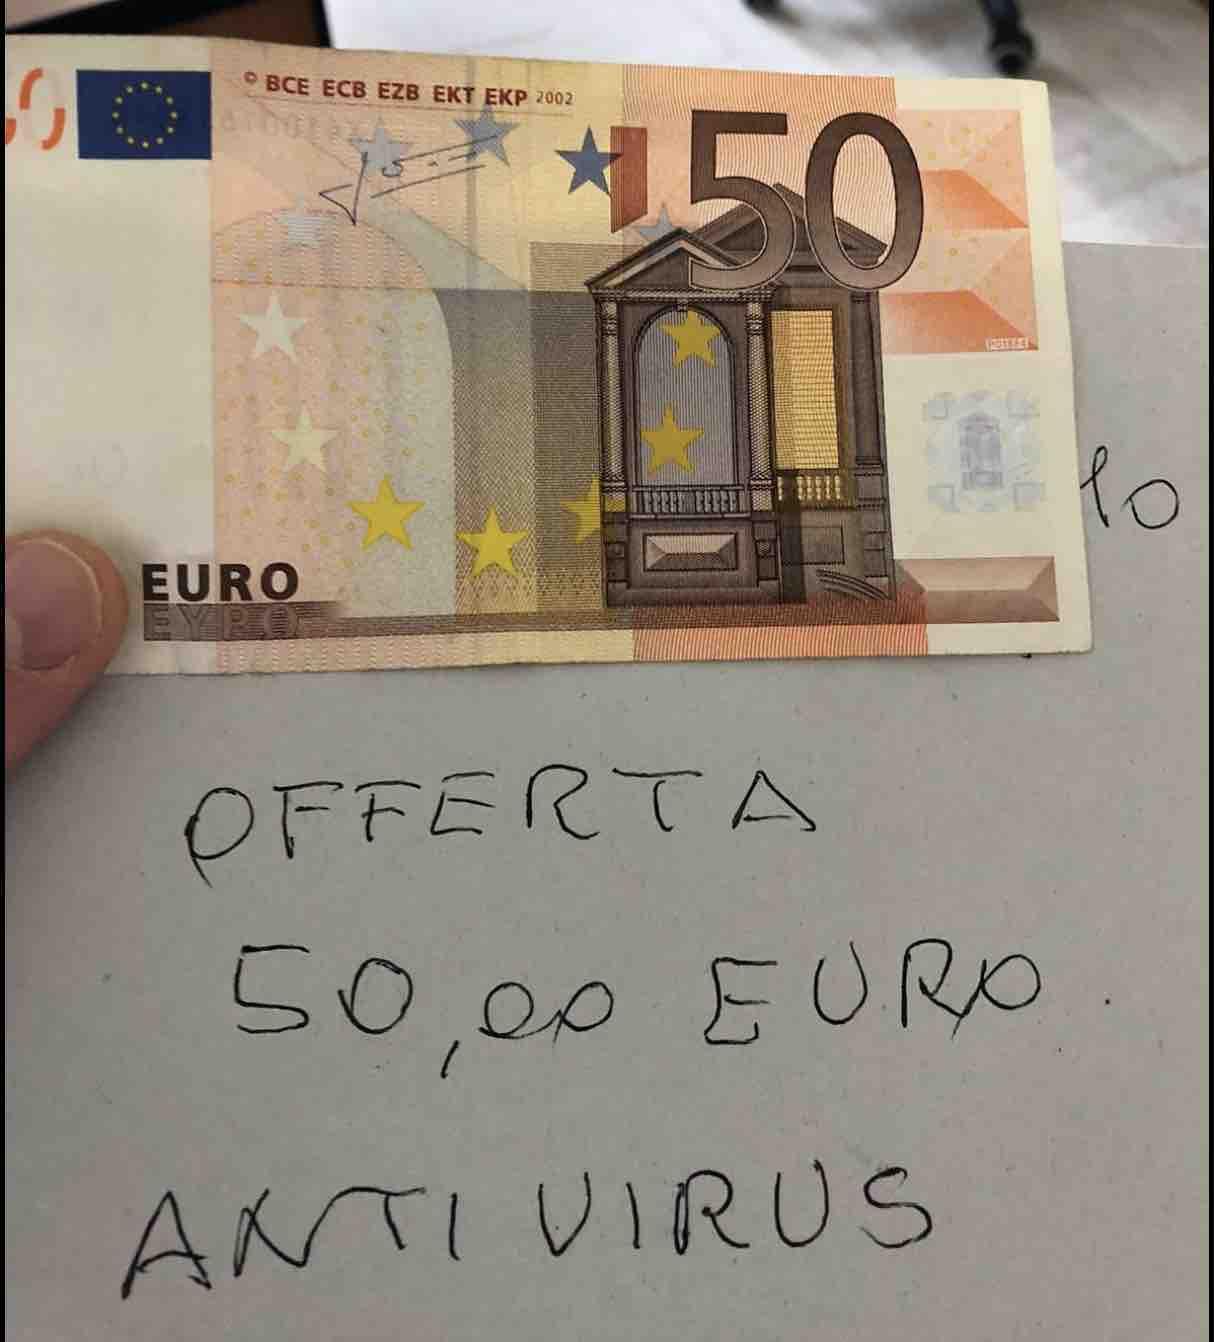 offerta antivirus